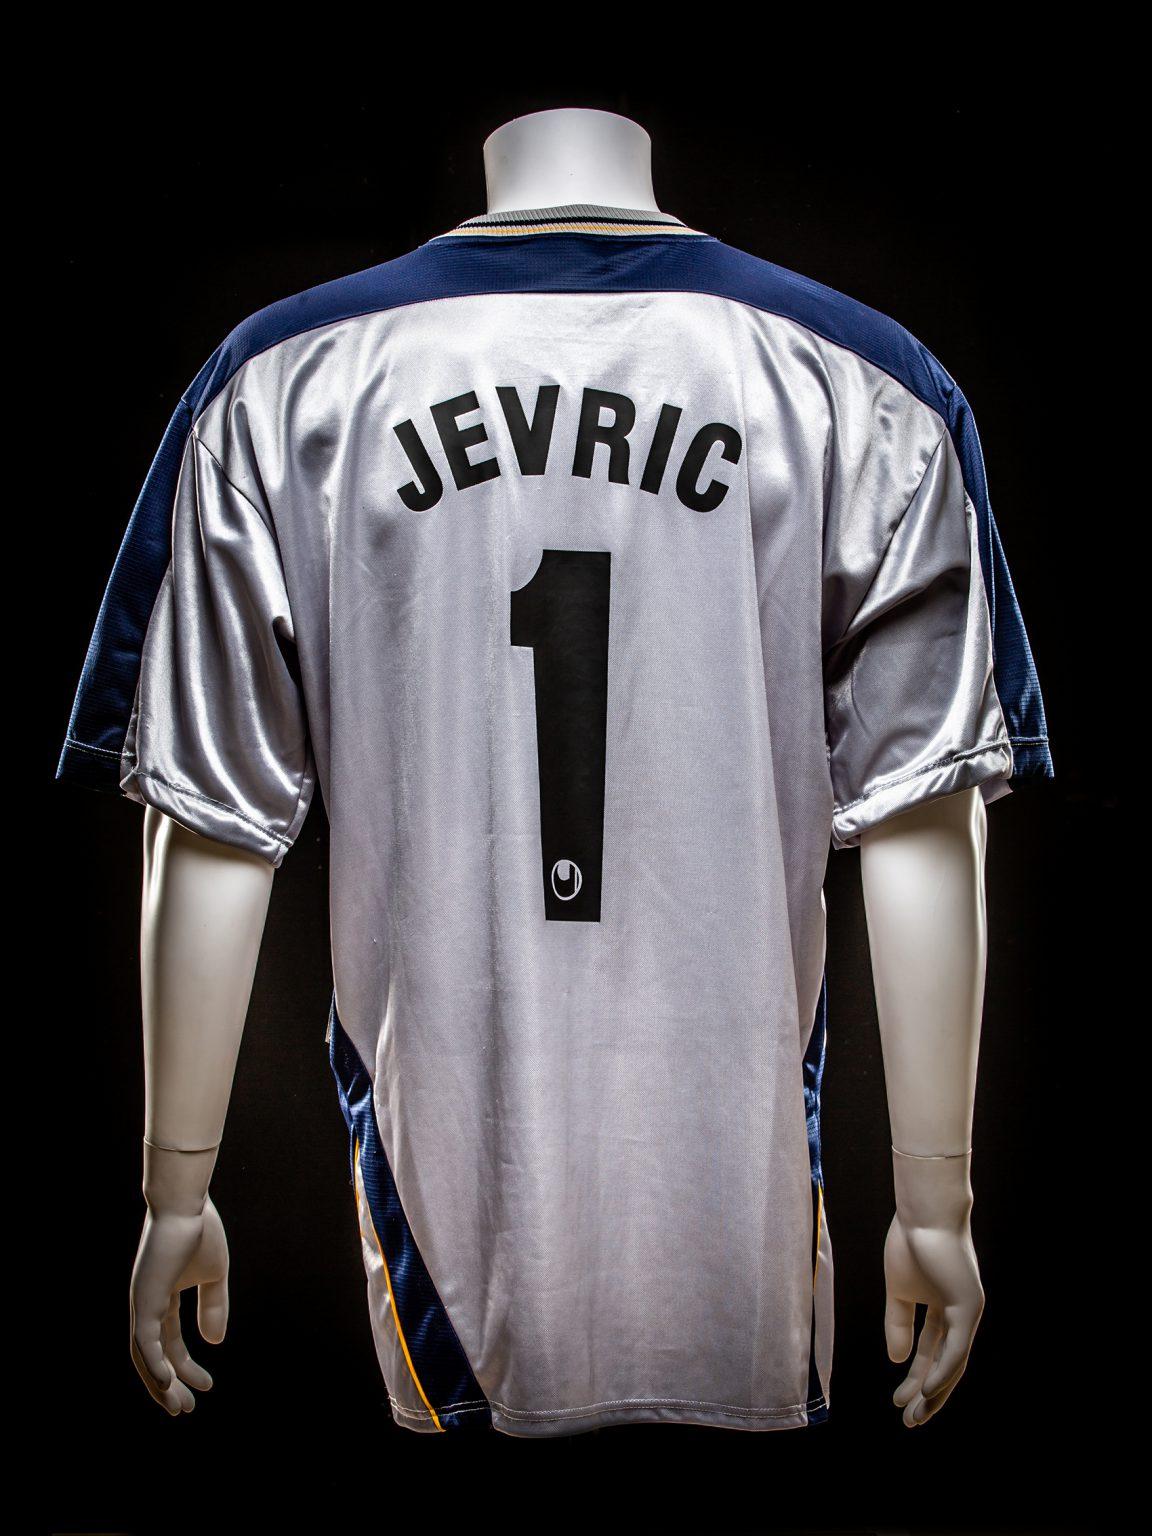 #1 Jevric